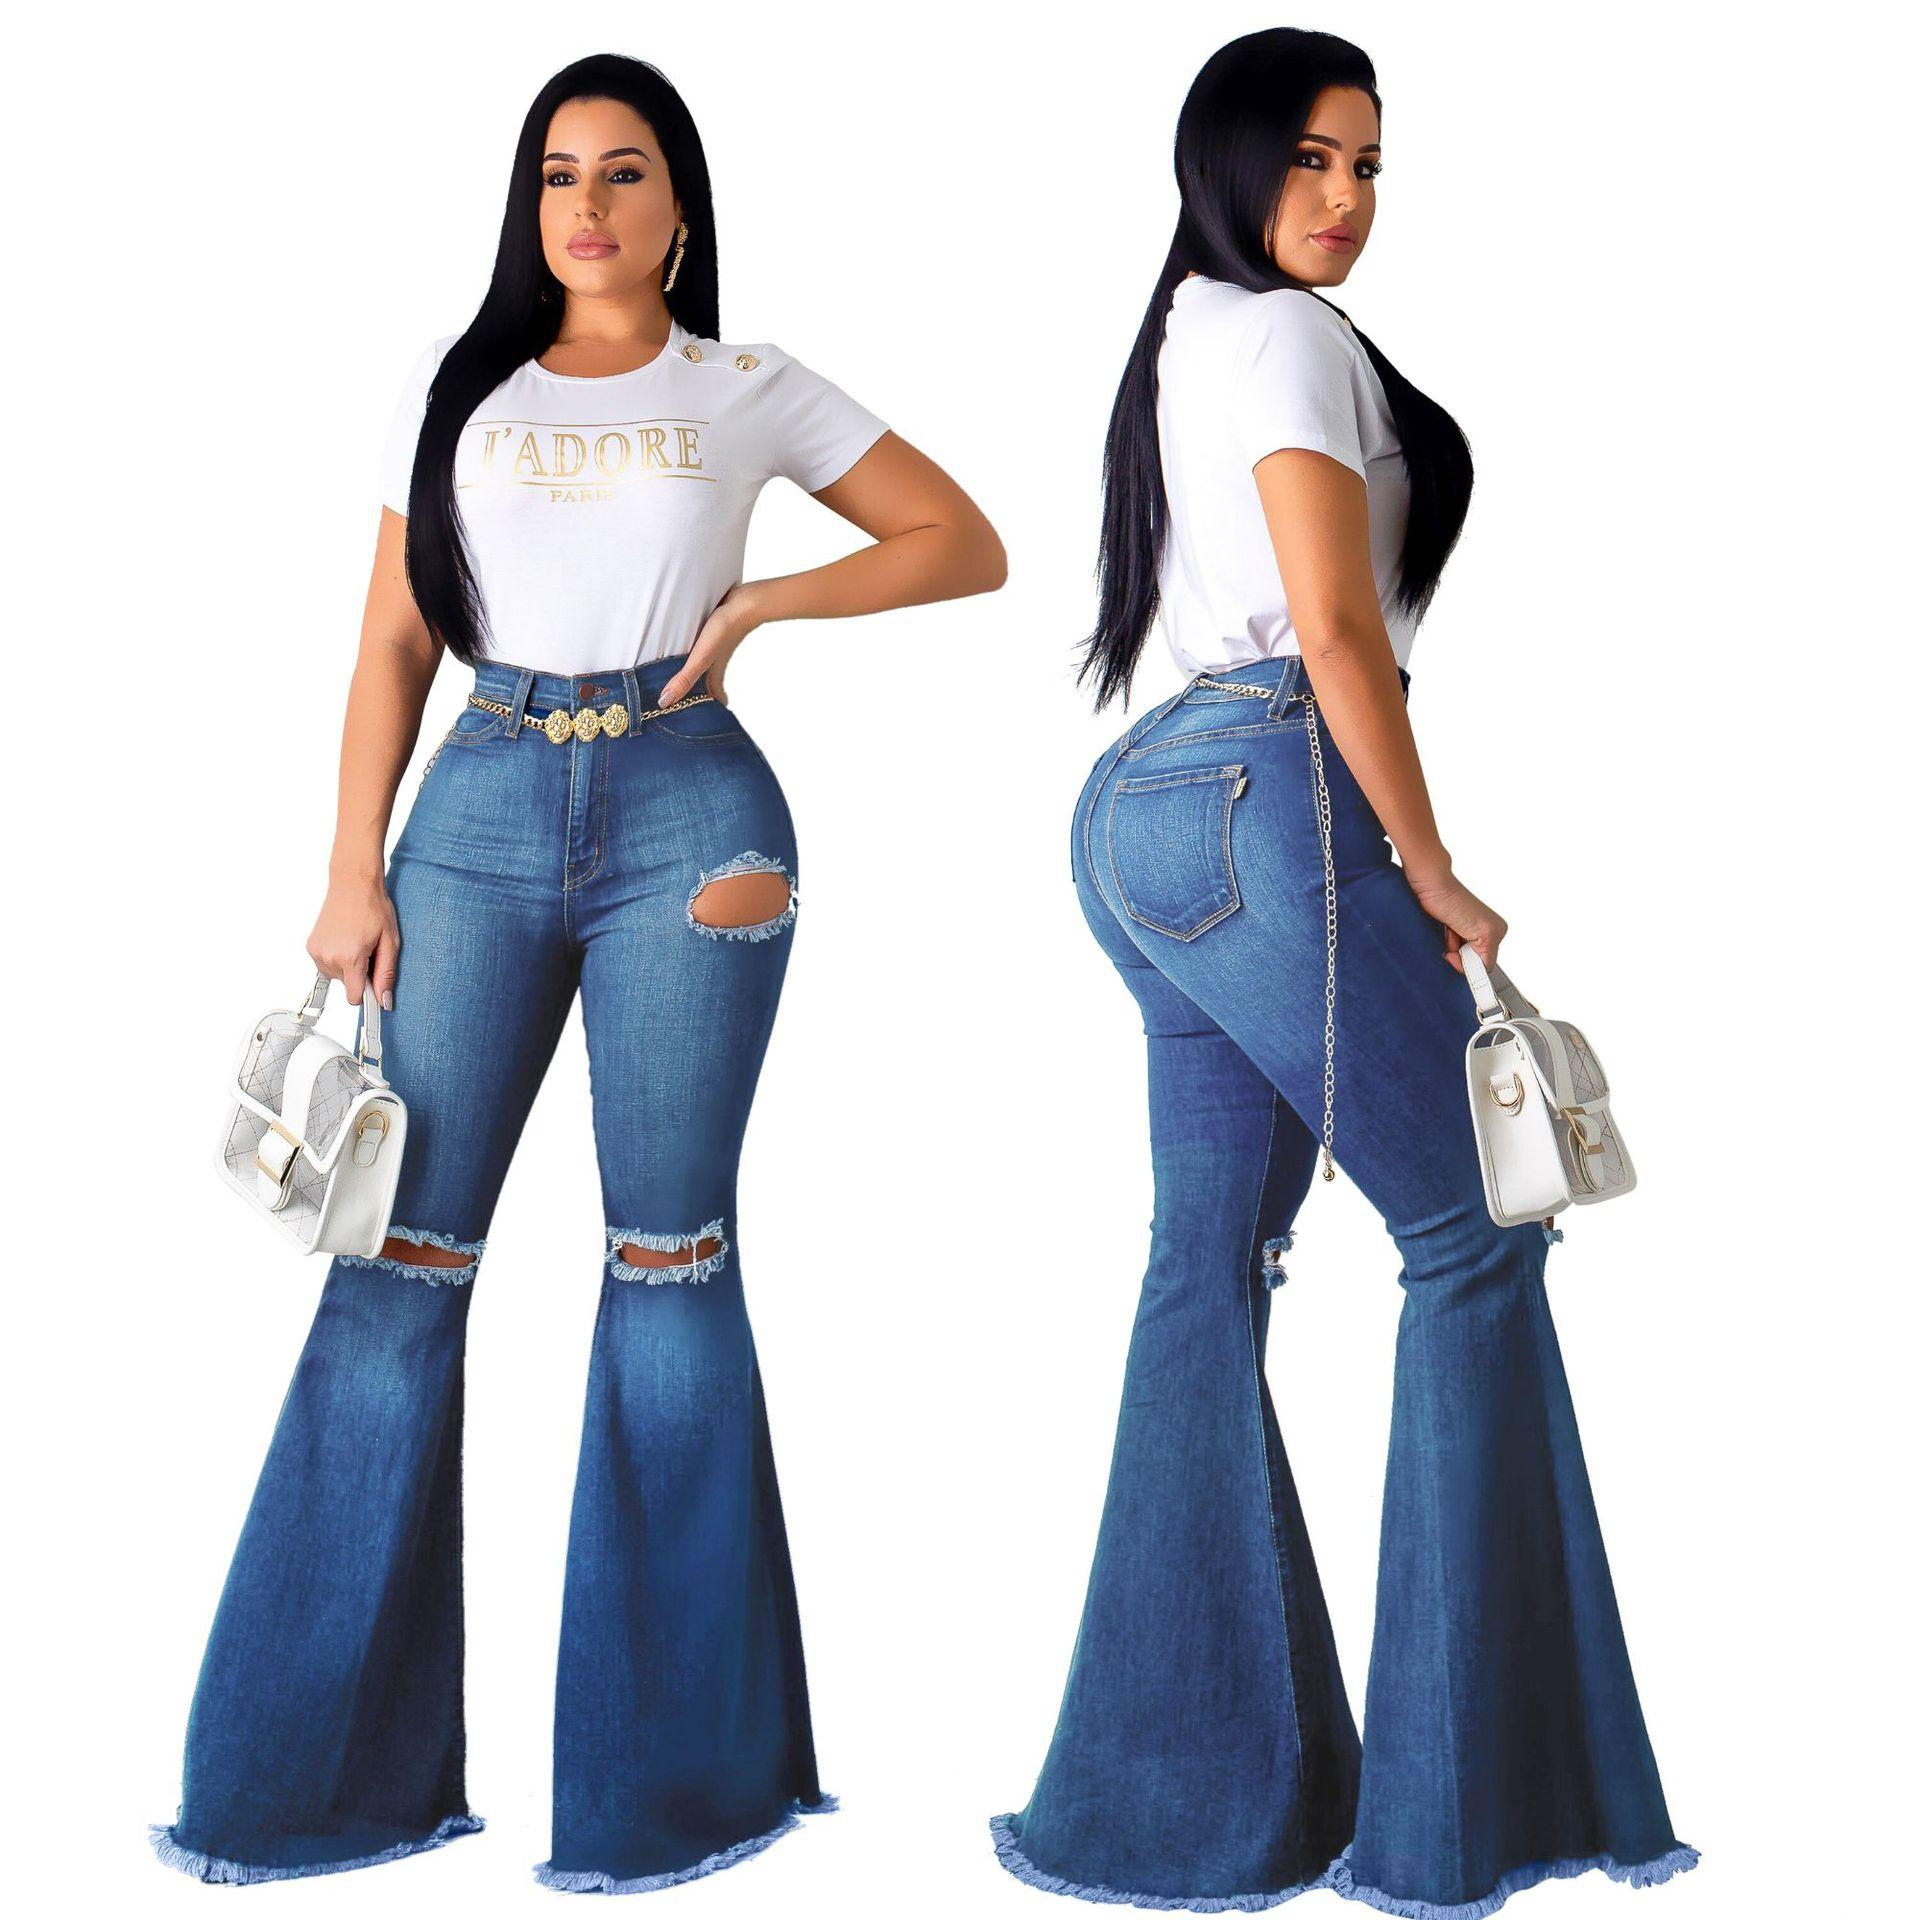 Moda Femenina Otono Bengala Casual Jeans Rasgados Para Damas De Cintura Alta Lavado Tejano Vaqueros Skinny Mujer Ancho De La Pierna De Talla Grande Mama Jeans Pantalones Vaqueros Aliexpress